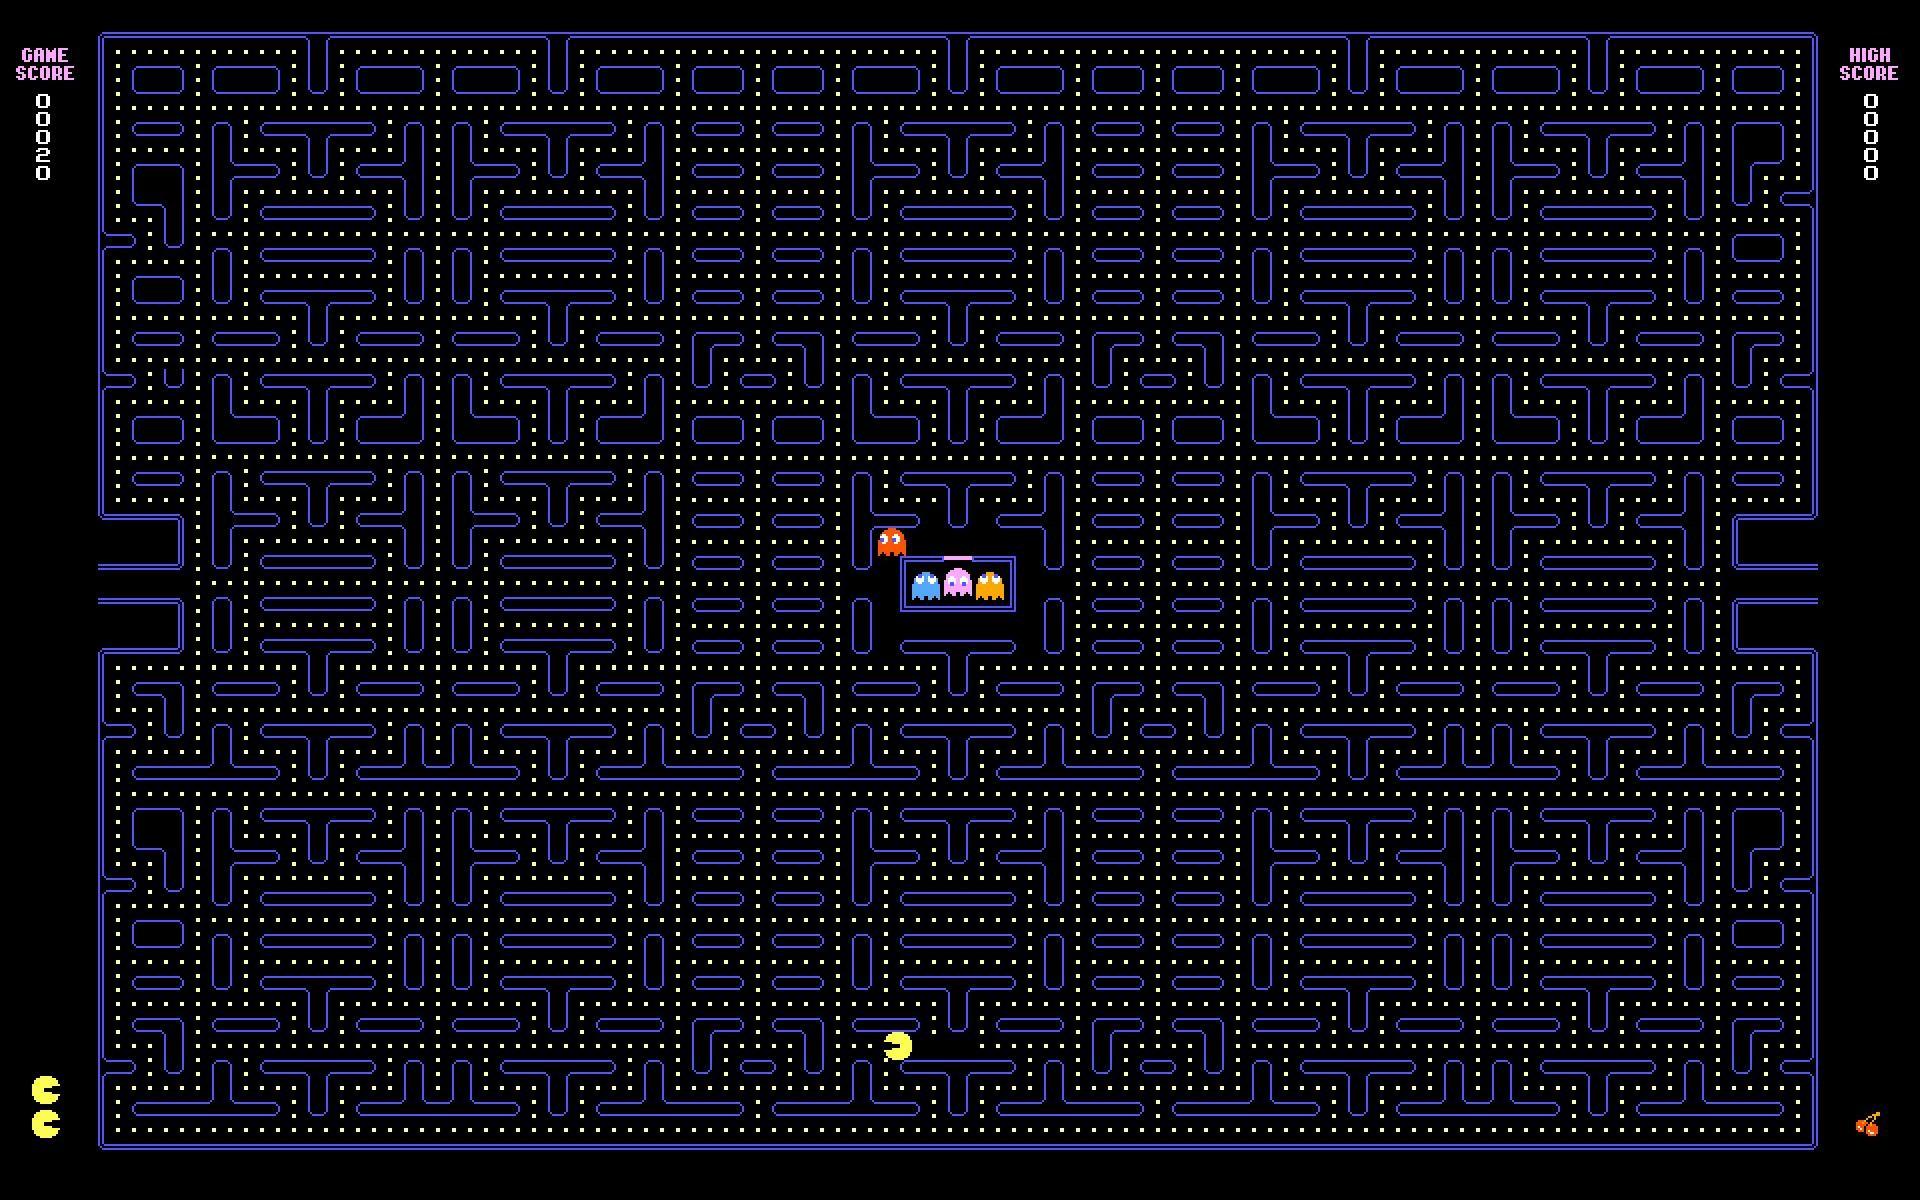 Pacman-Game-Wallpaper